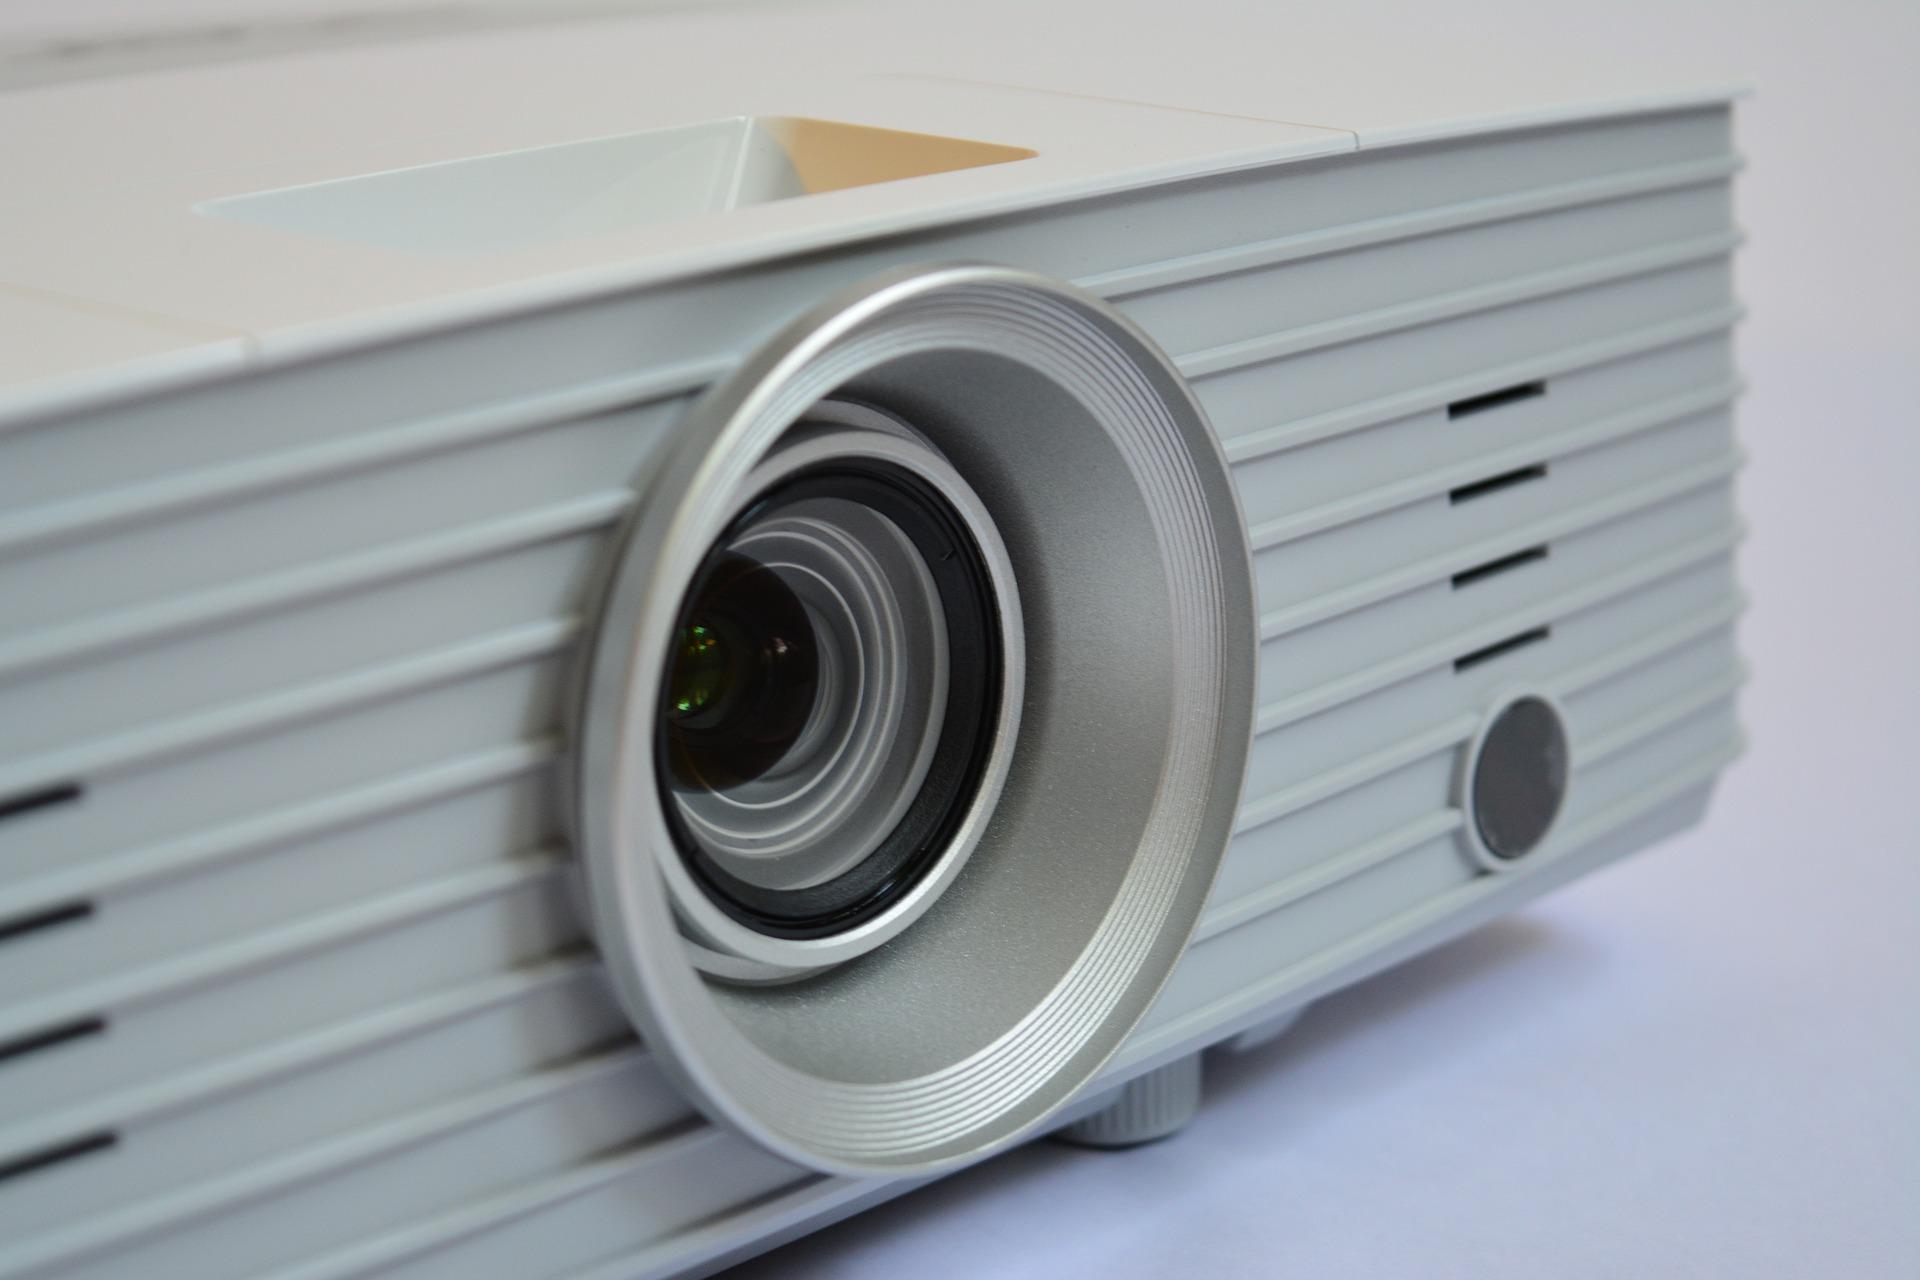 Comment Choisir Un Vidéoprojecteur comment choisir son vidéoprojecteur ?